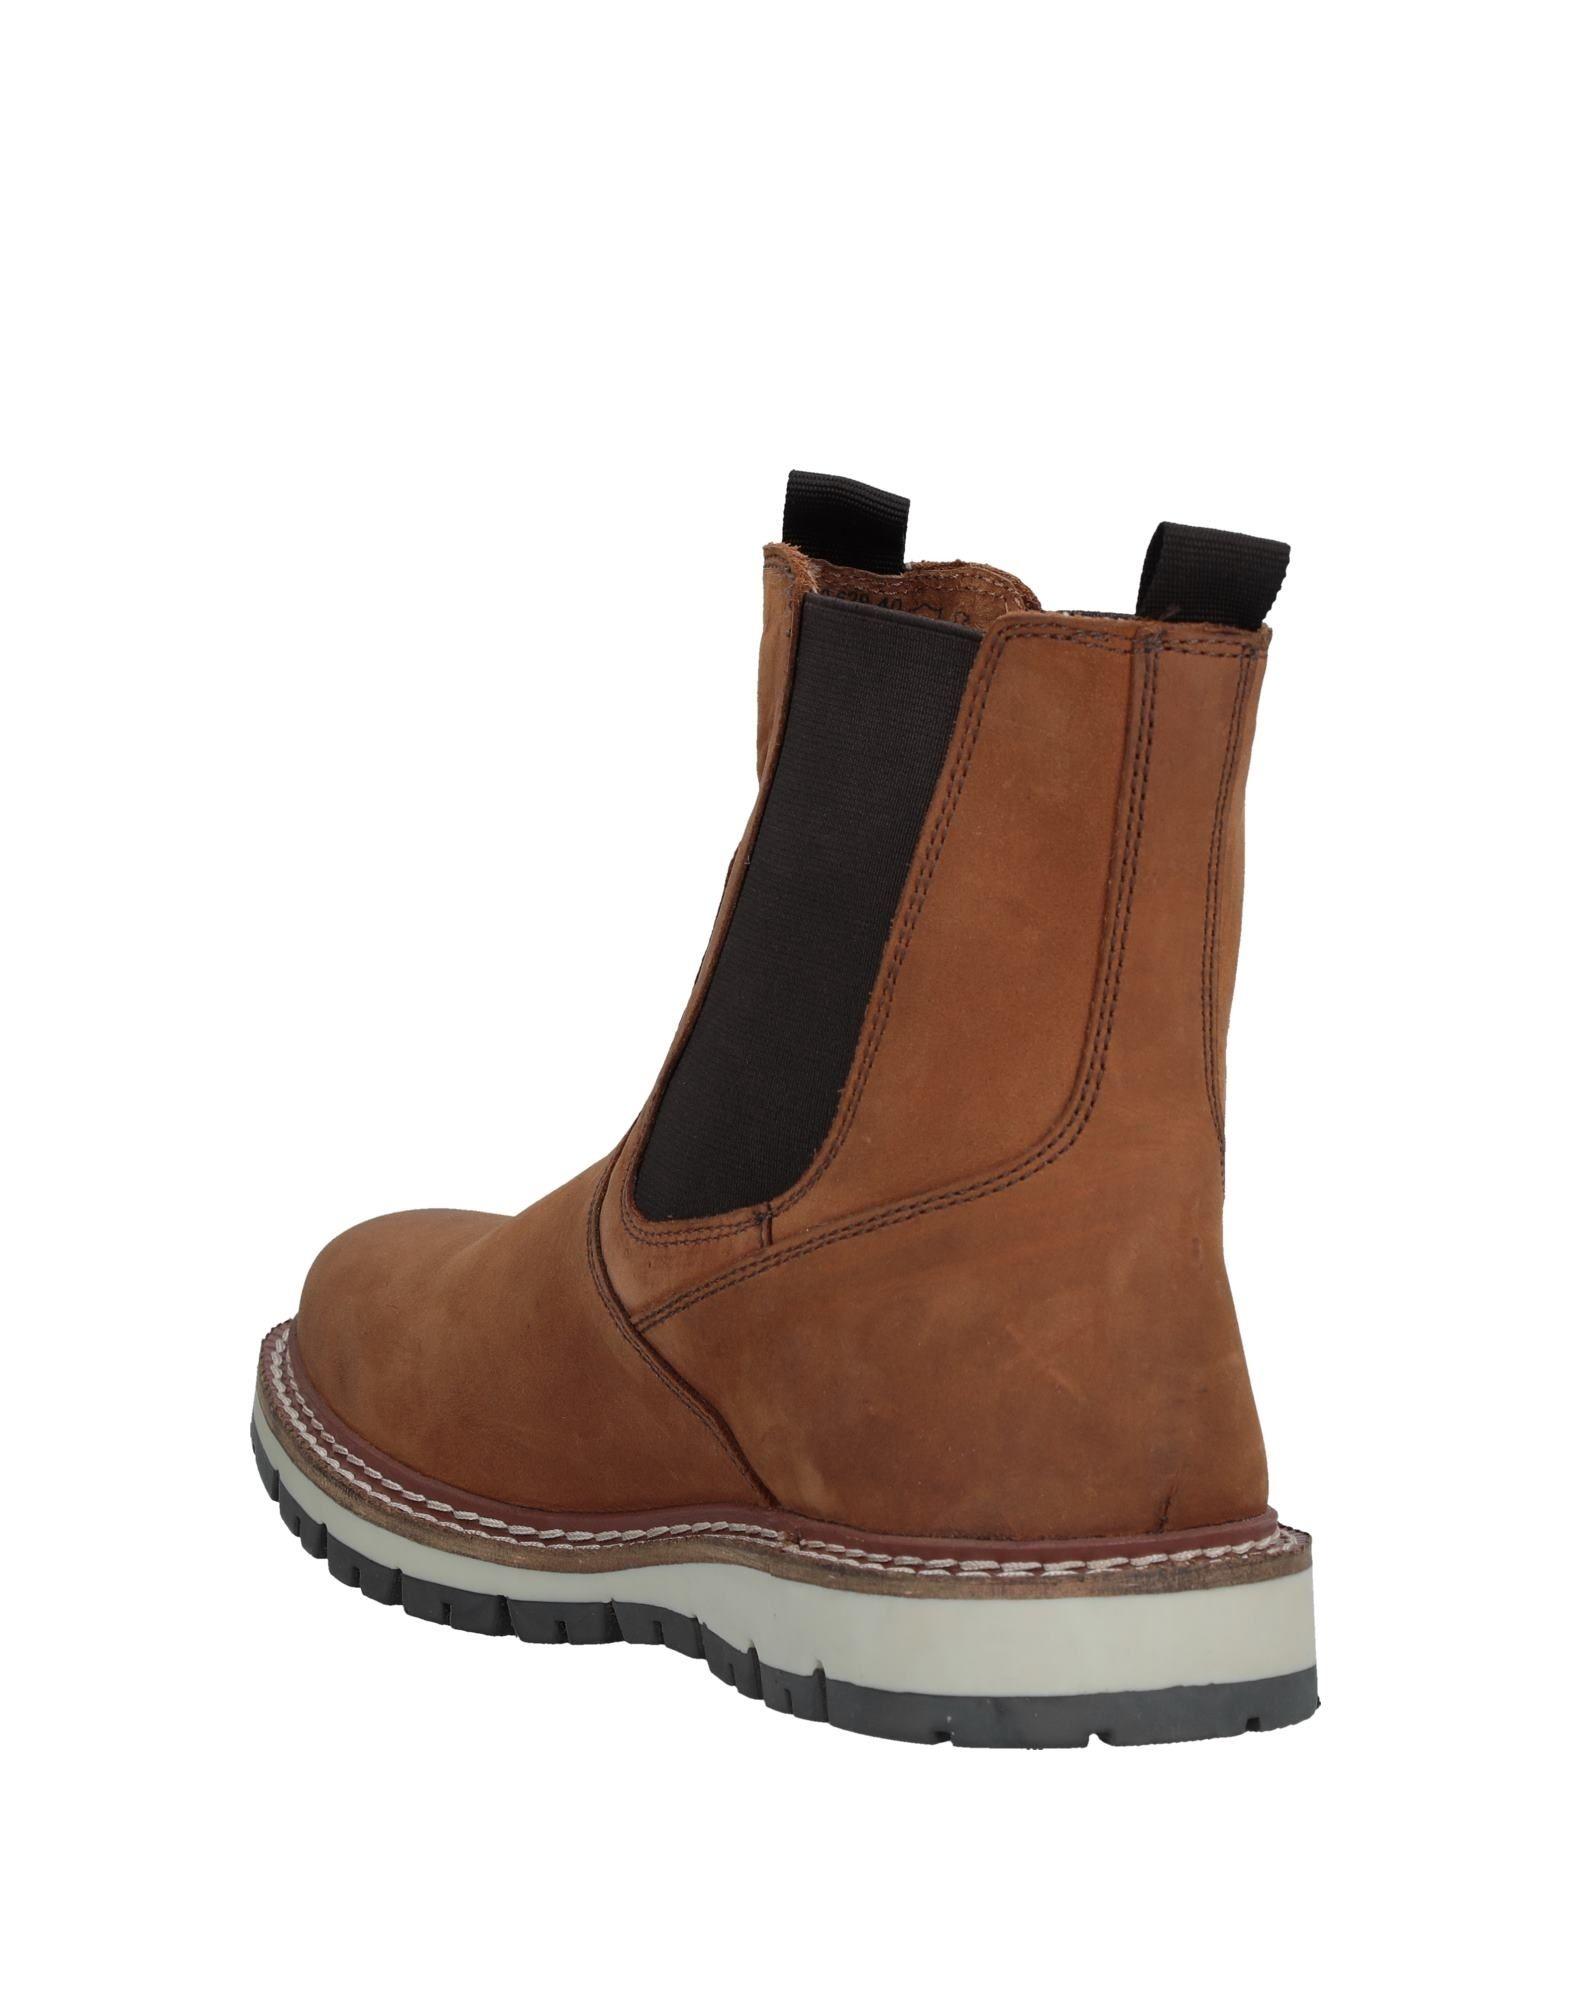 Rabatt echte Schuhe Mcs  Marlboro Classics Stiefelette Herren  Mcs 11528091RL 39ebef